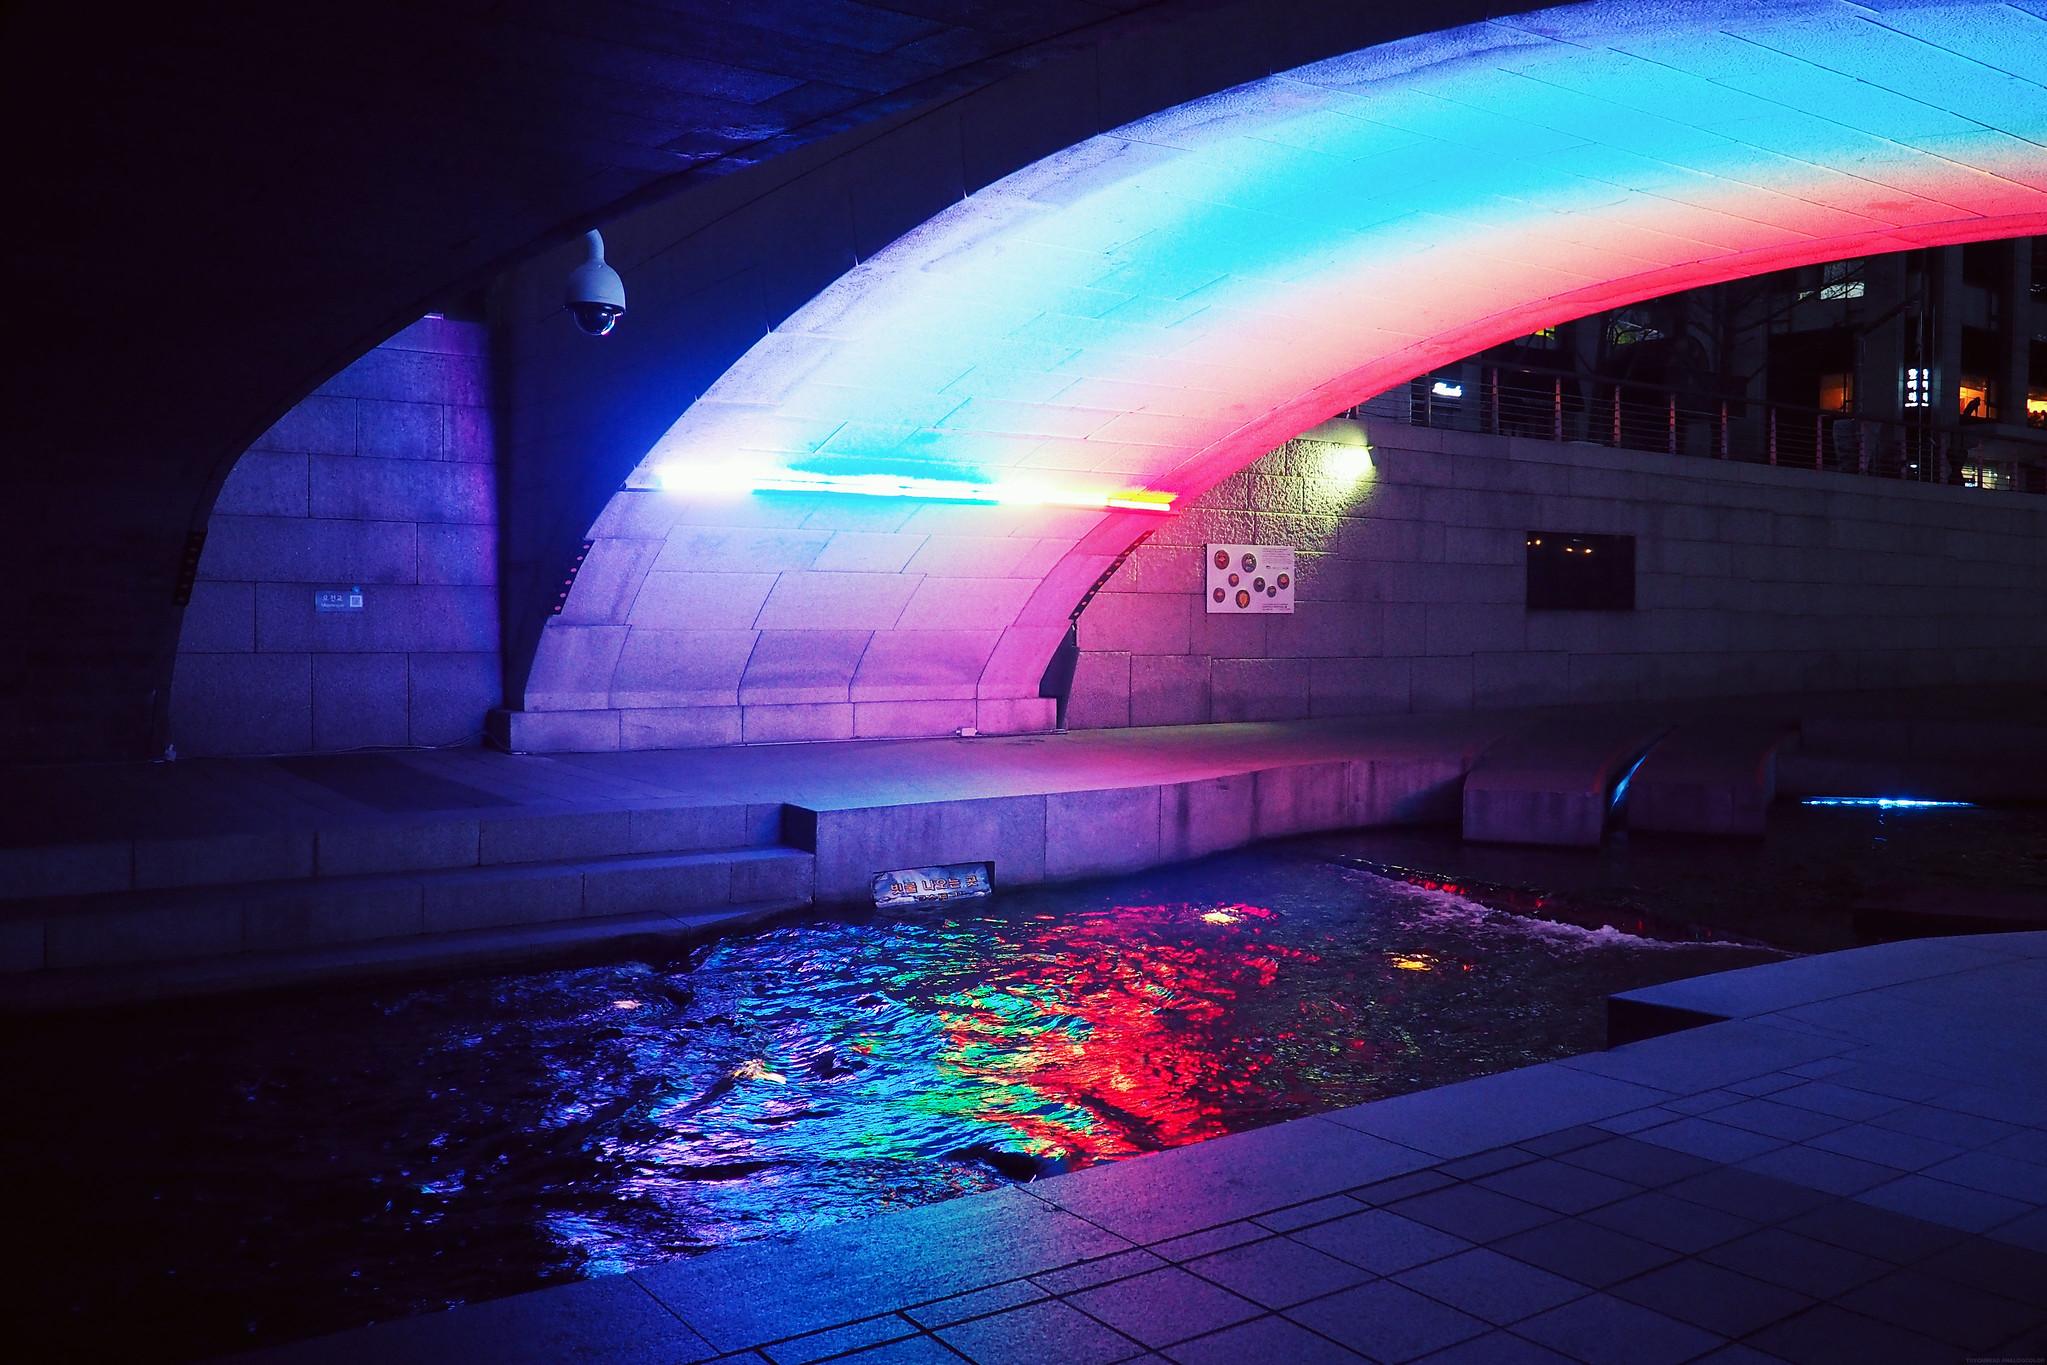 Cheonggyecheon-ro Stream Night_effected